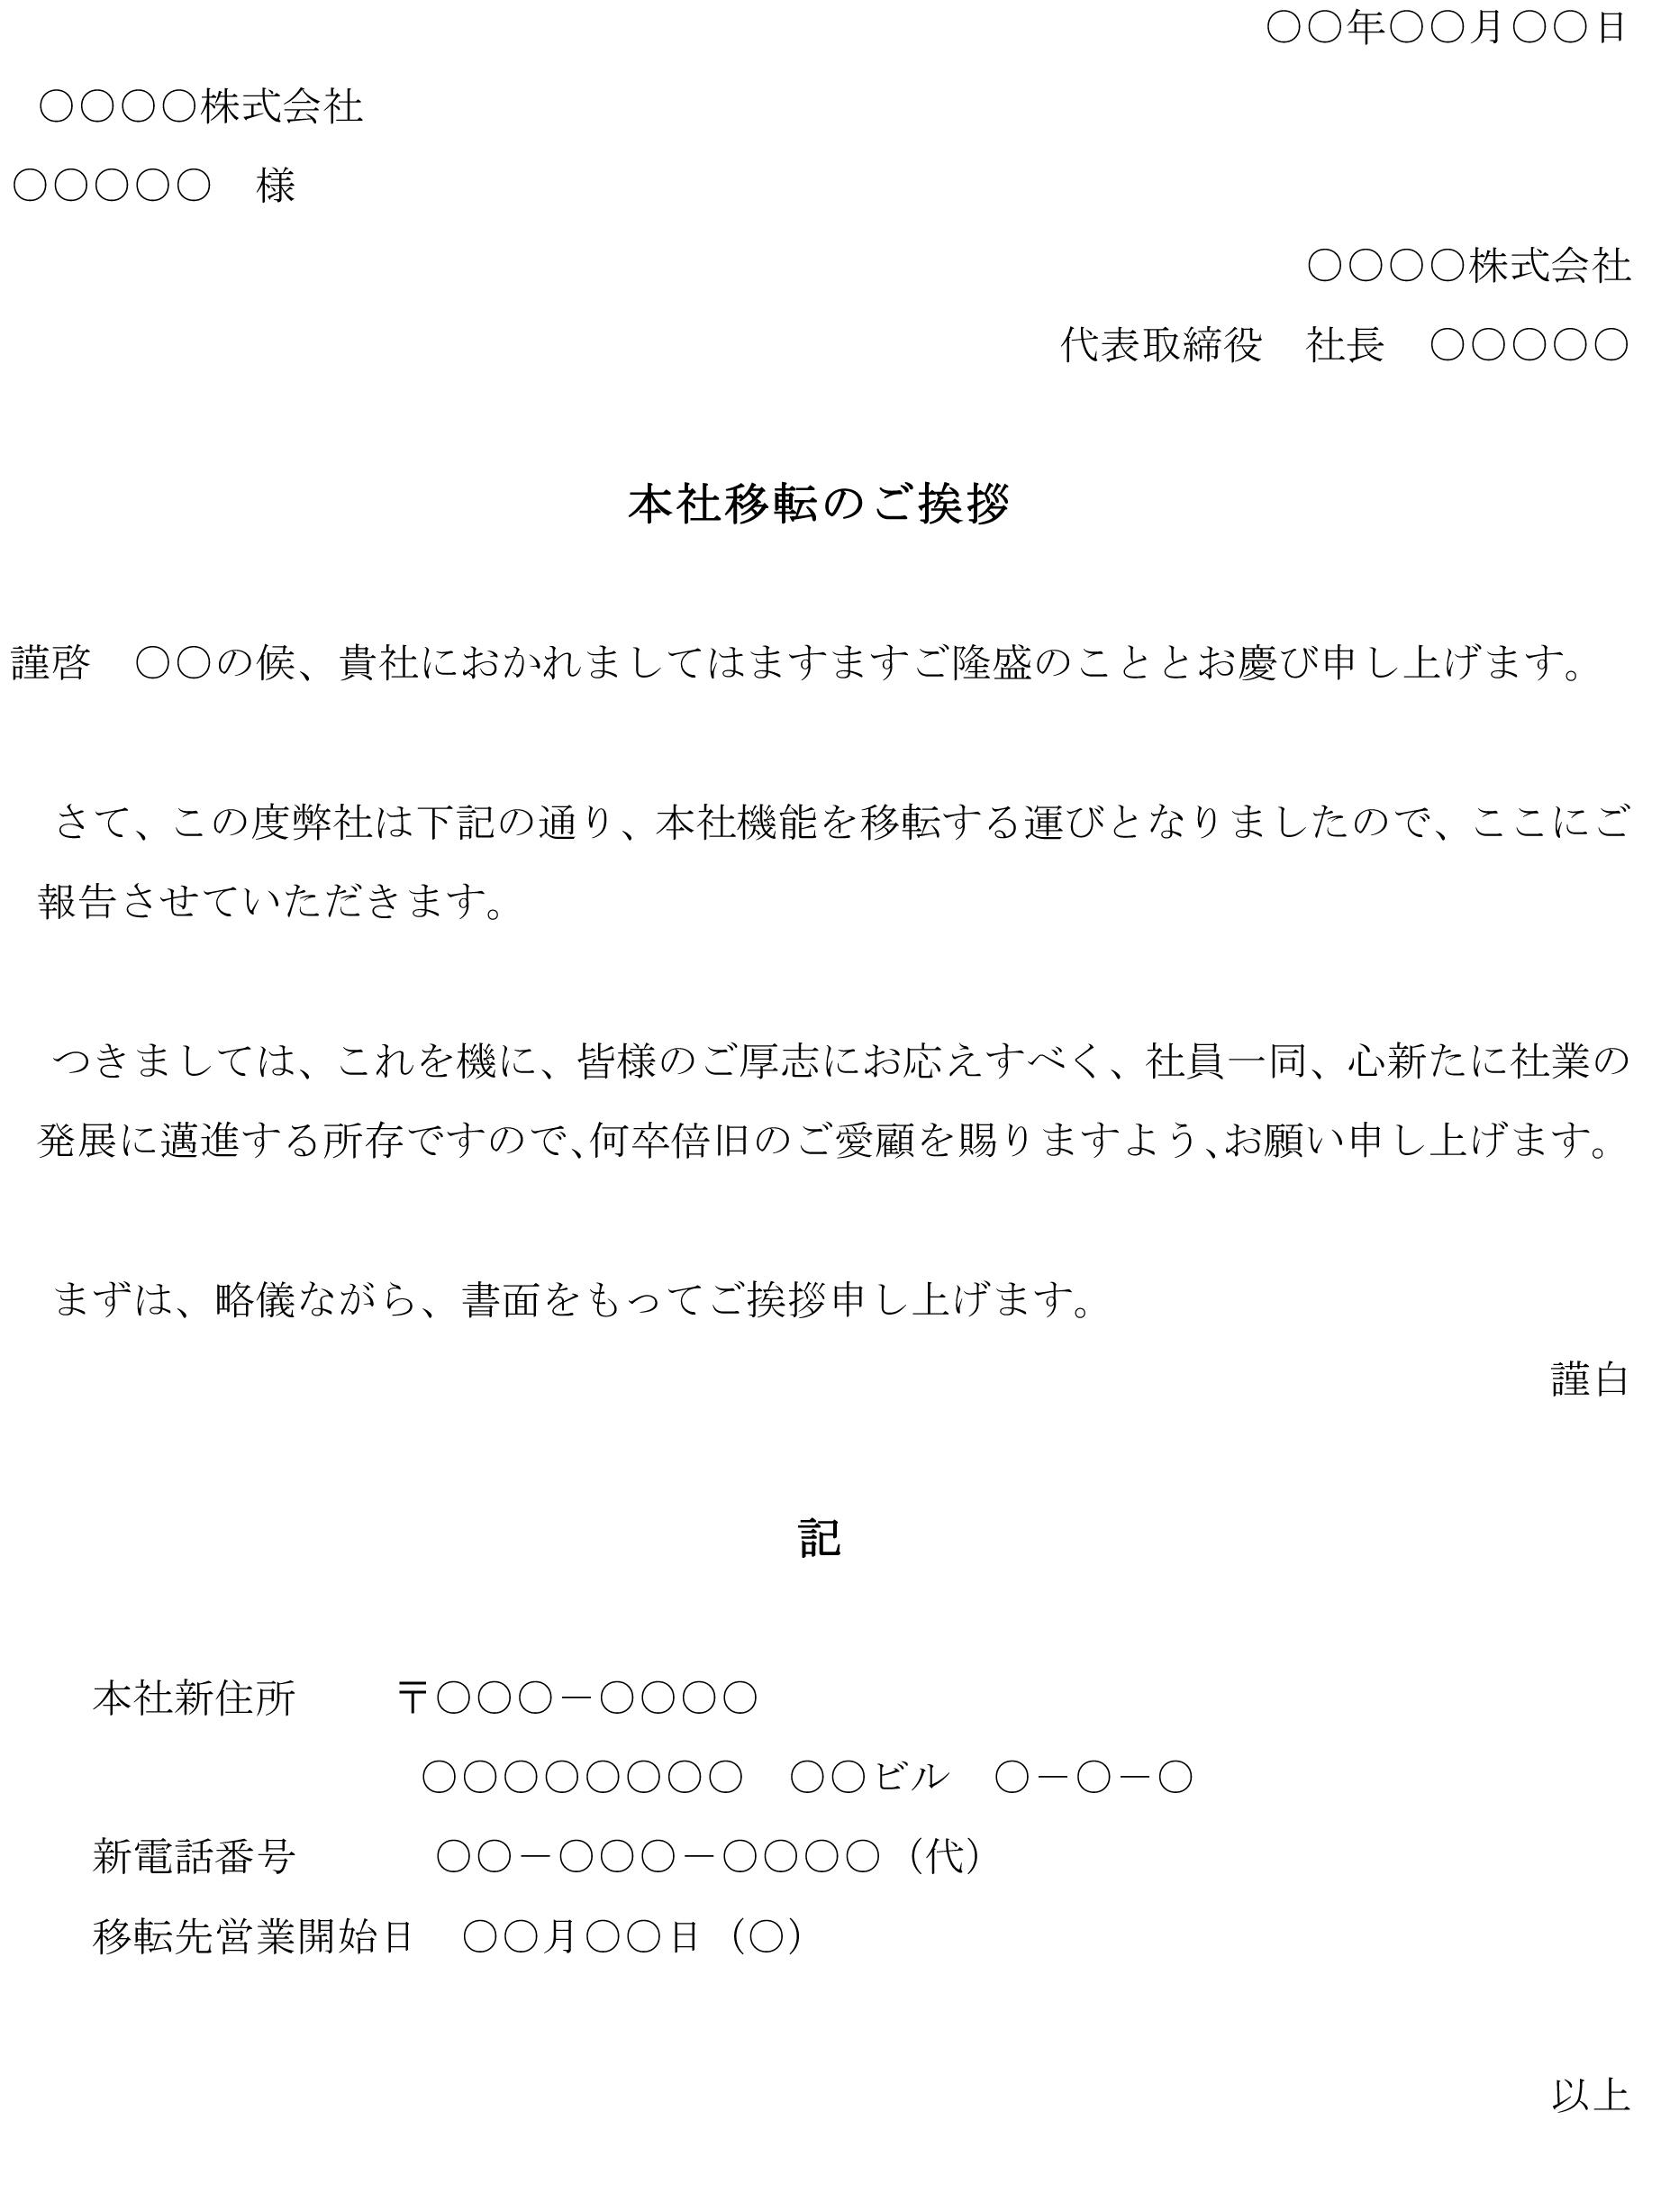 挨拶状(本社移転)02